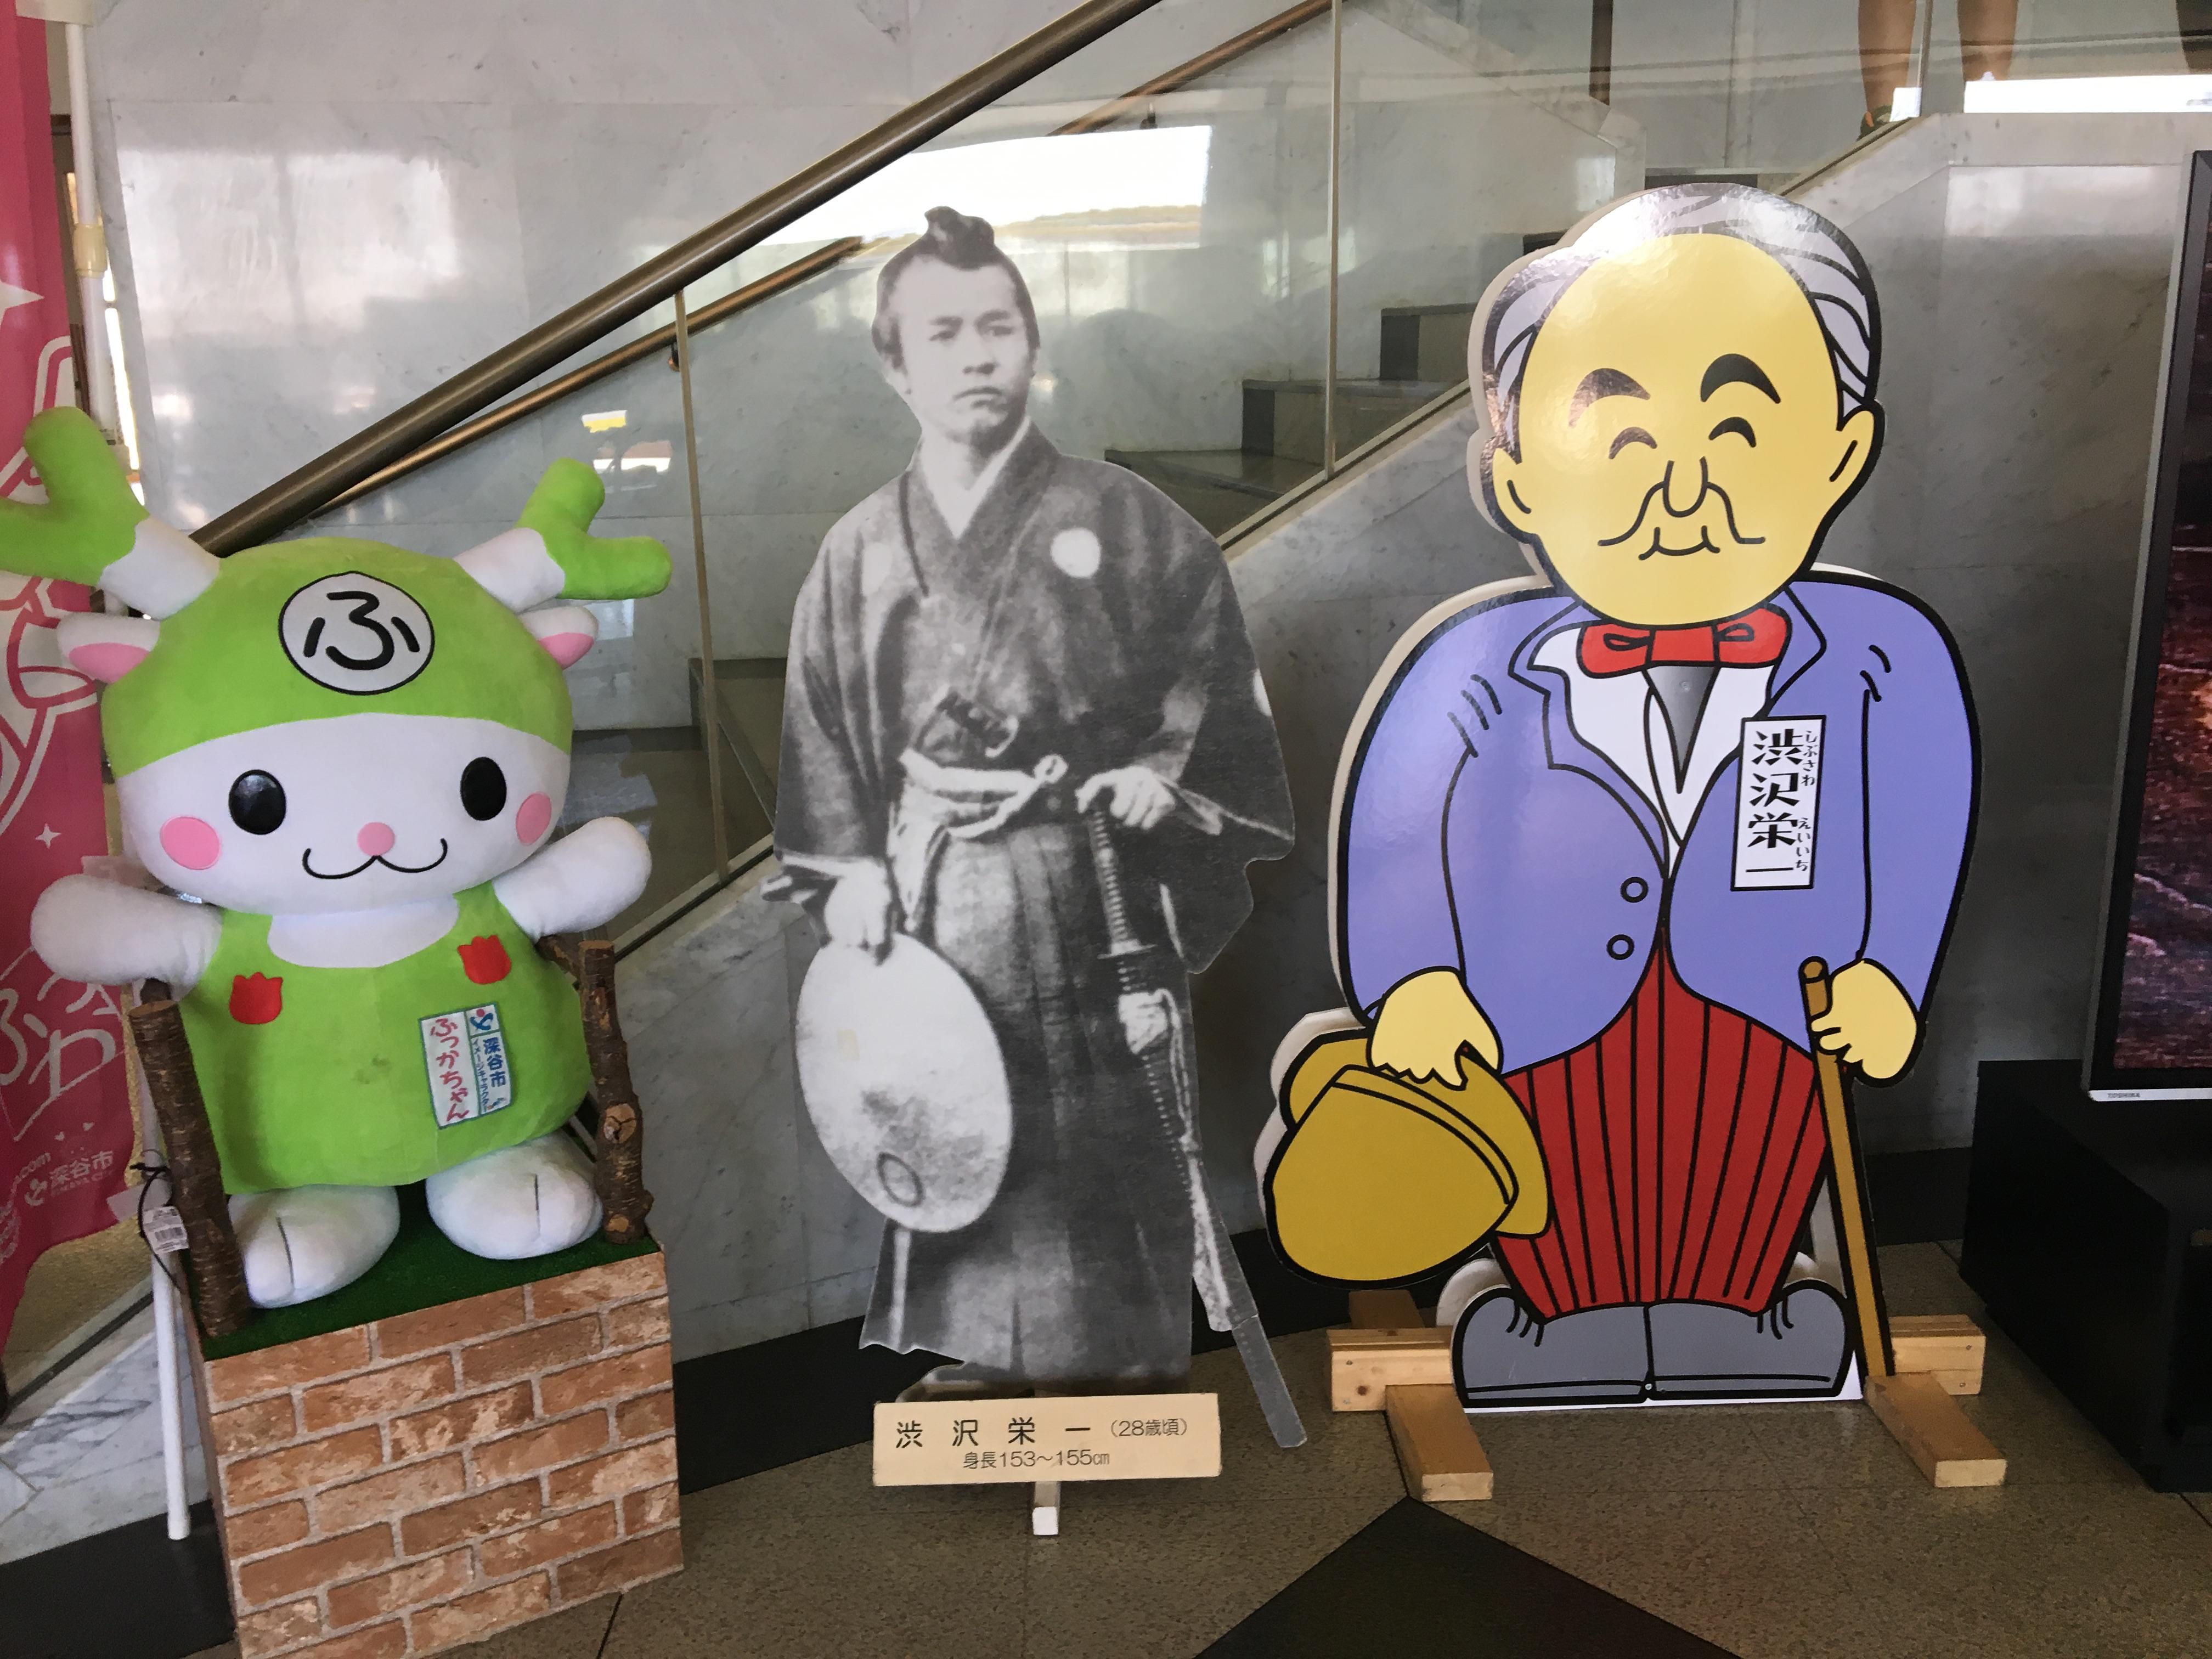 今知りたい深谷市 その3 本人の肉声も!まだまだある渋沢栄一関連スポット